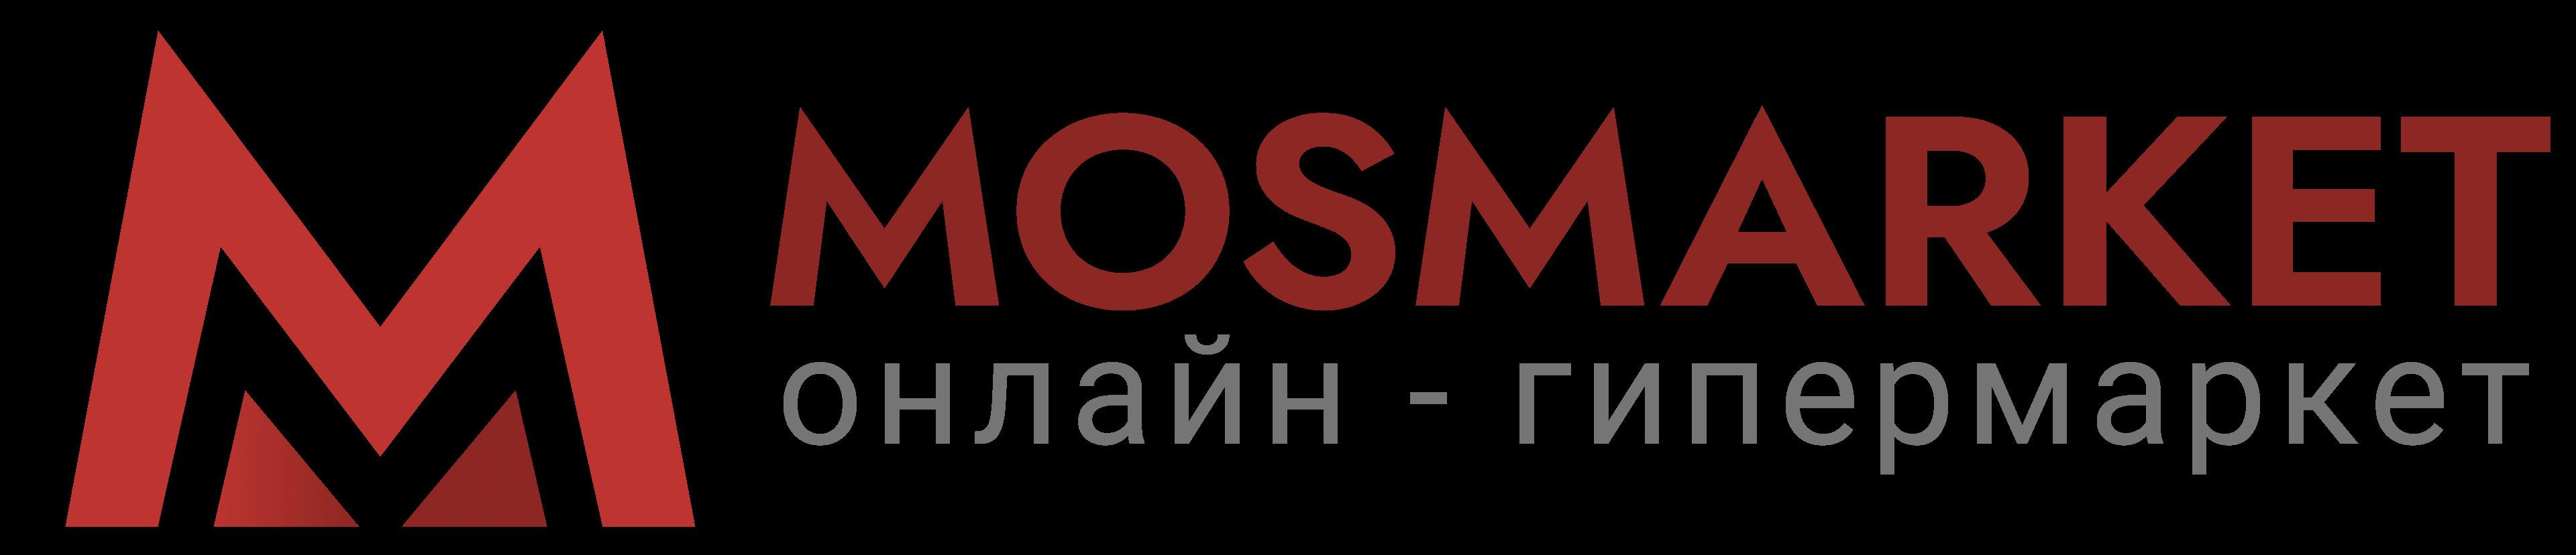 МосМаркет